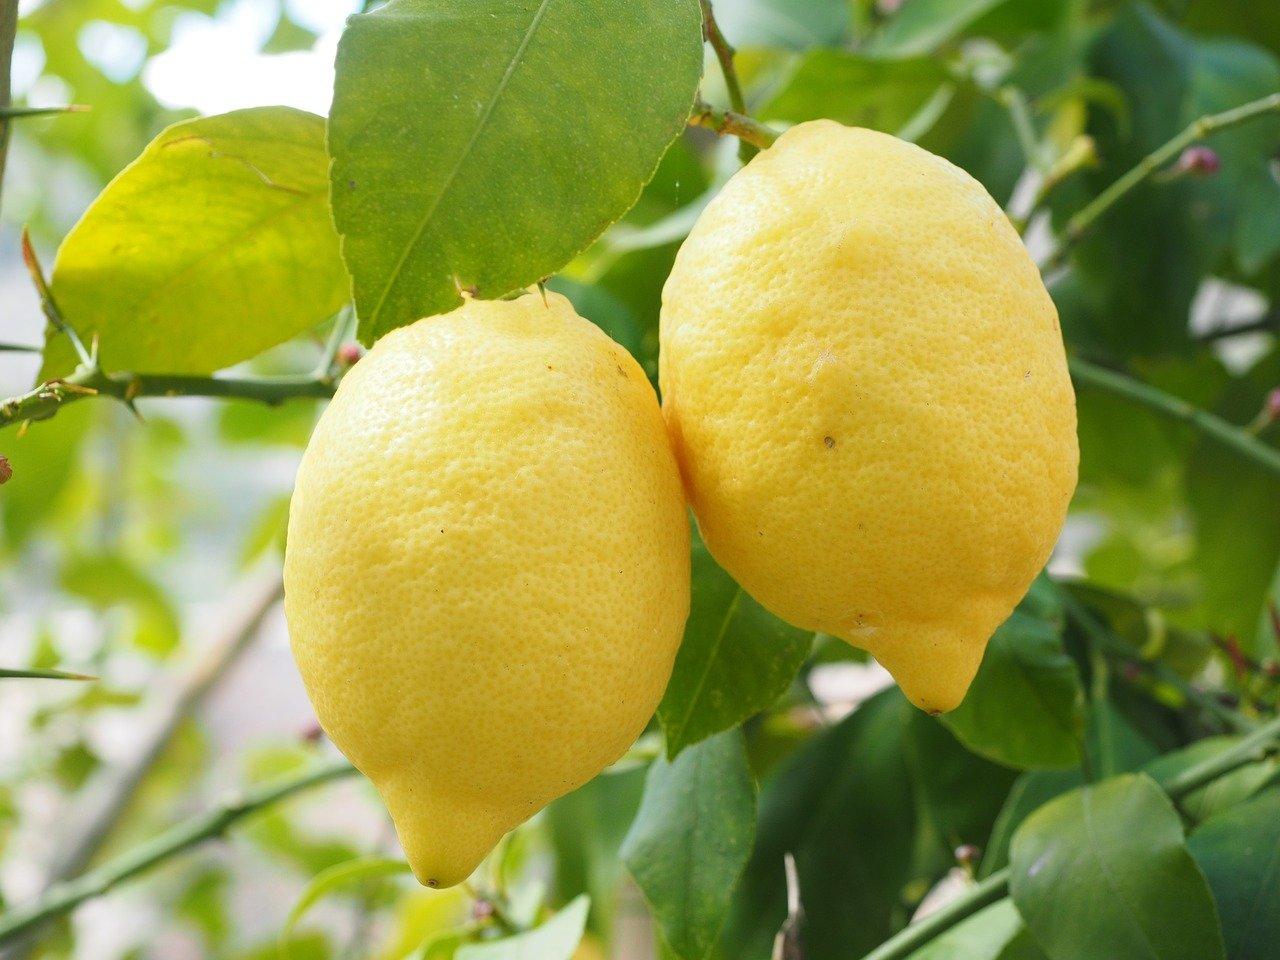 Limon ve Misket Limon arasındaki Fark Nedir? - 1